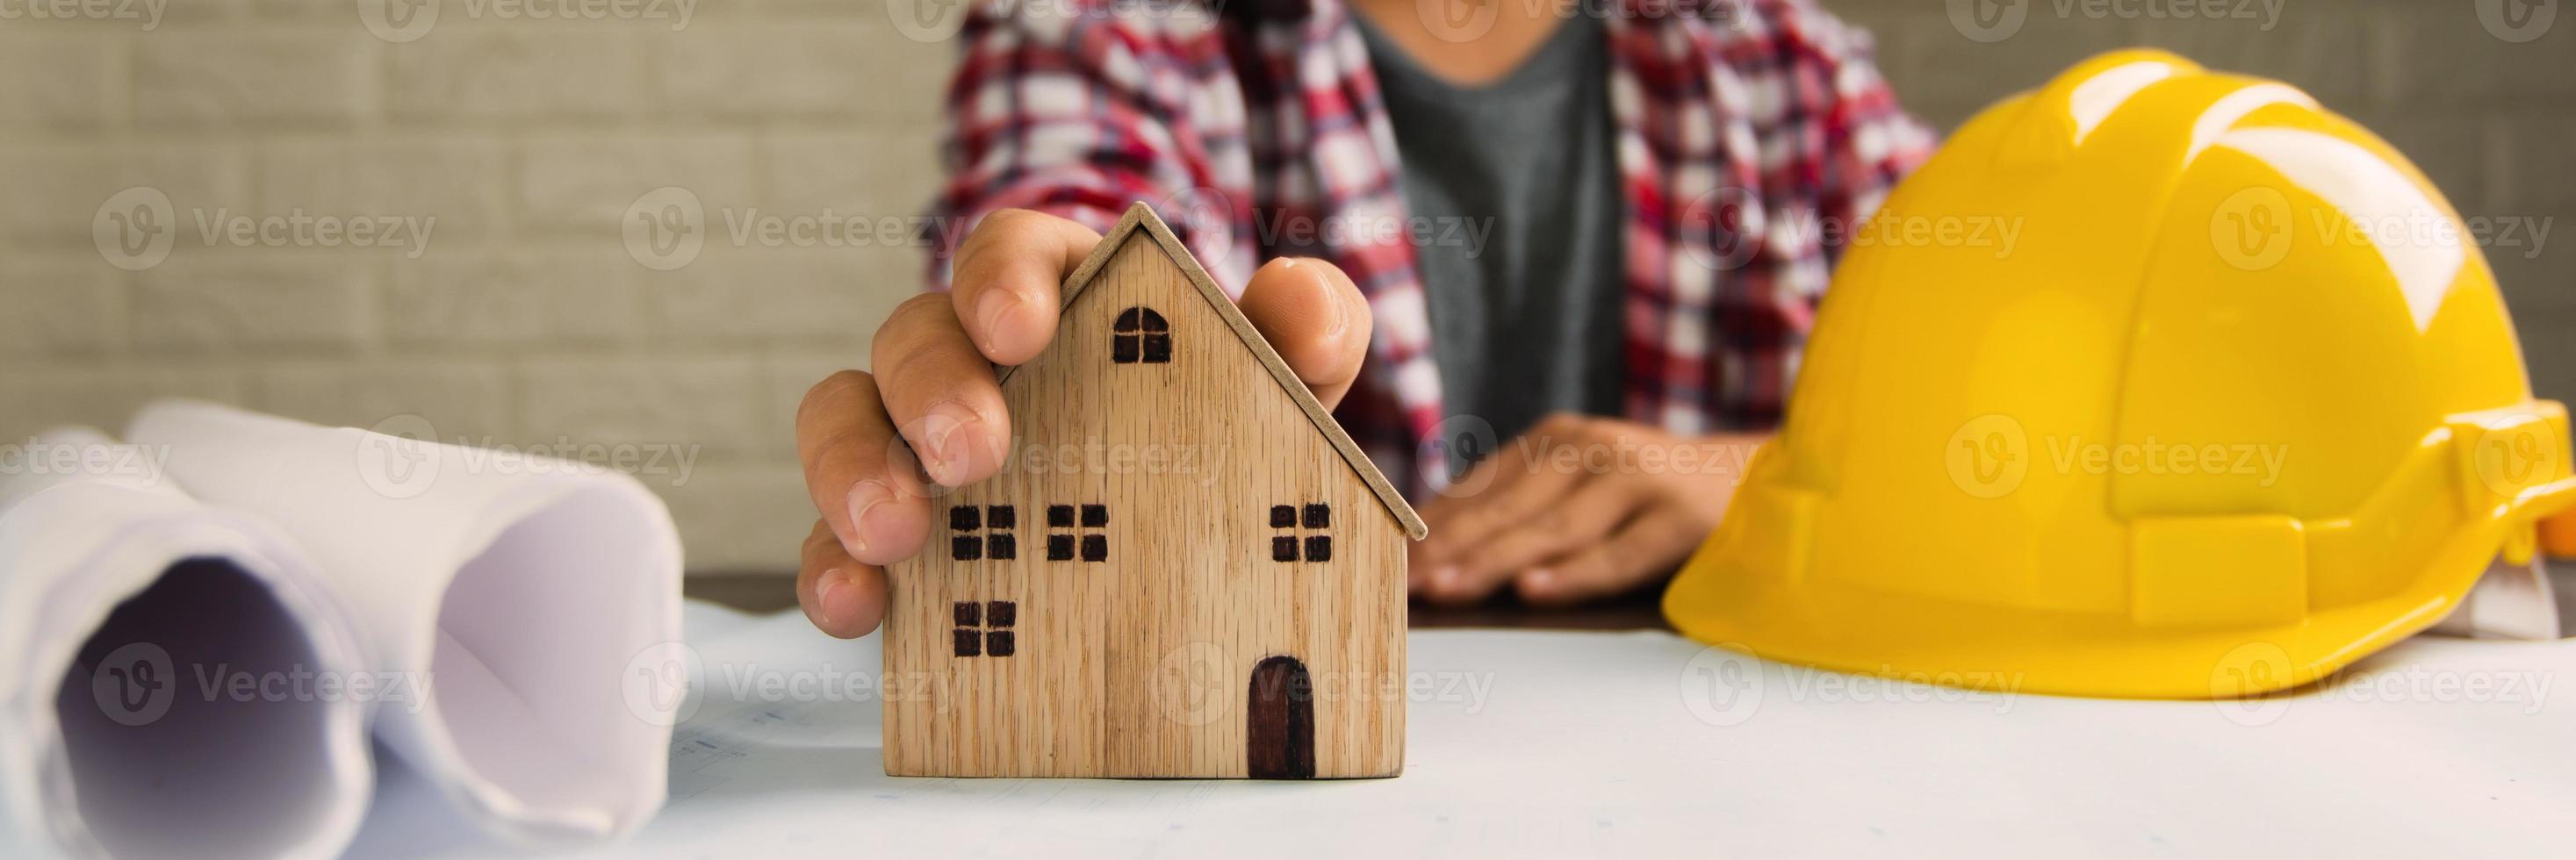 Nahaufnahme der Hand des Mannes, die Hausmodell neben Schutzhelm und aufgerollten Papieren hält foto